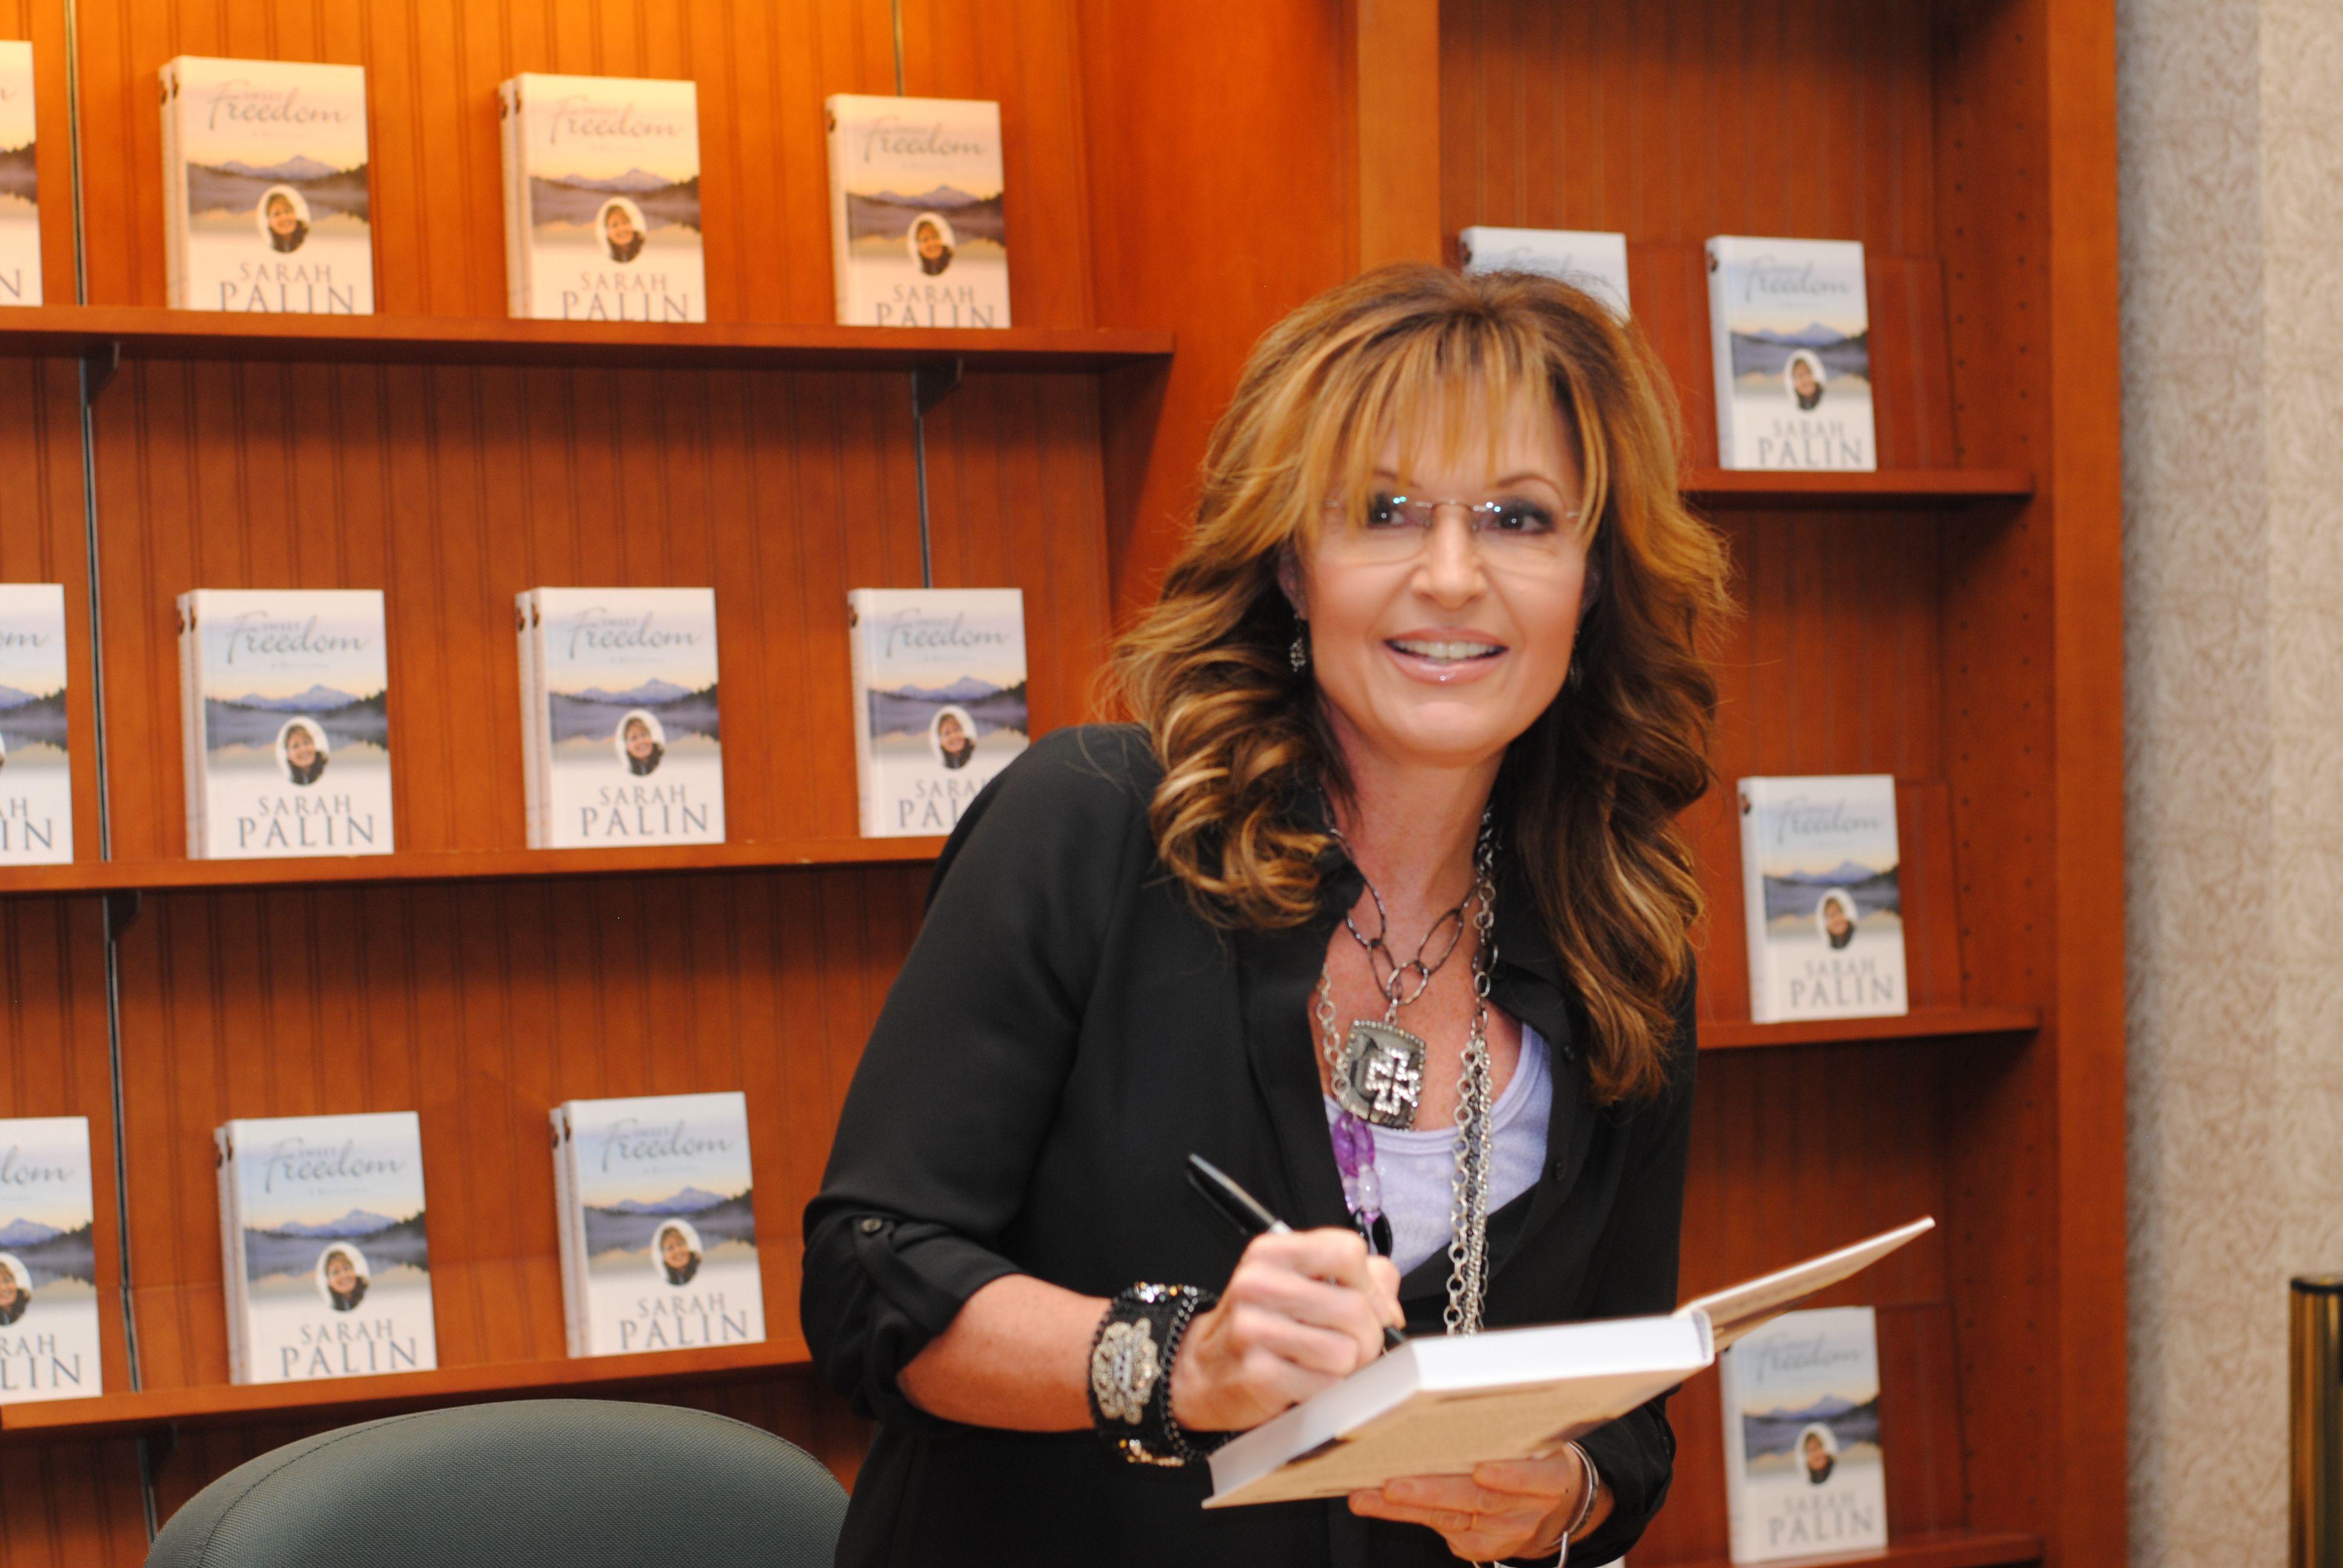 Sarah Palin Hd